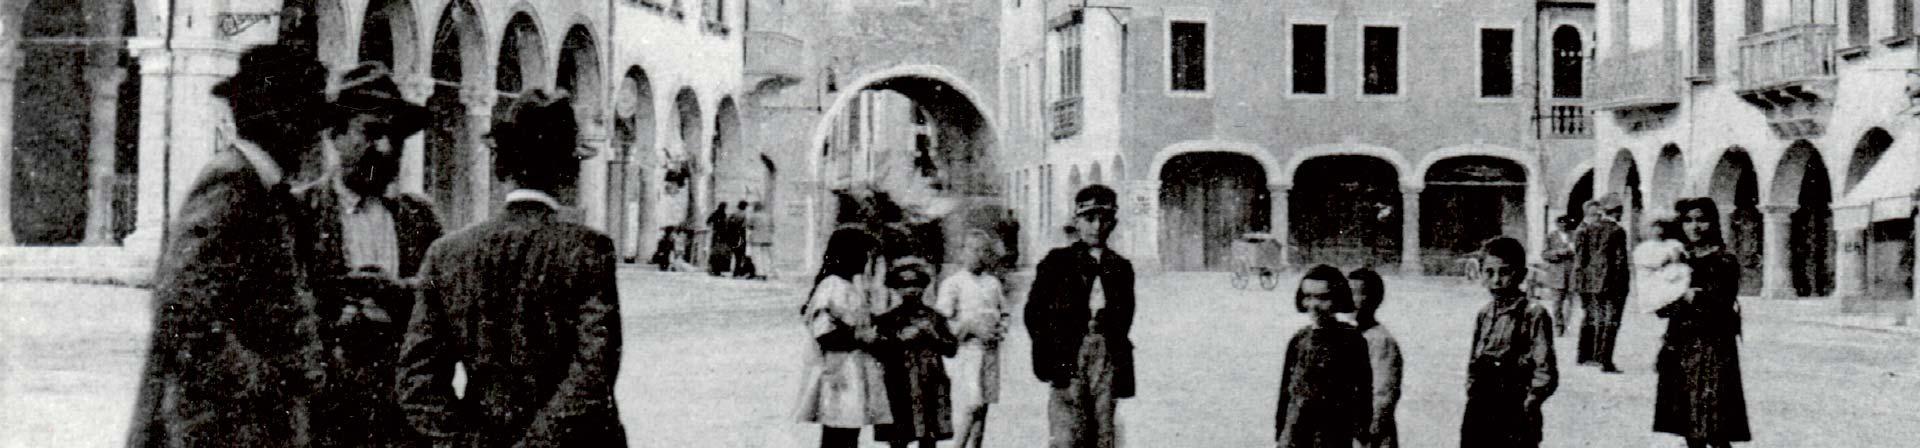 Foto storica del centro di Sacile